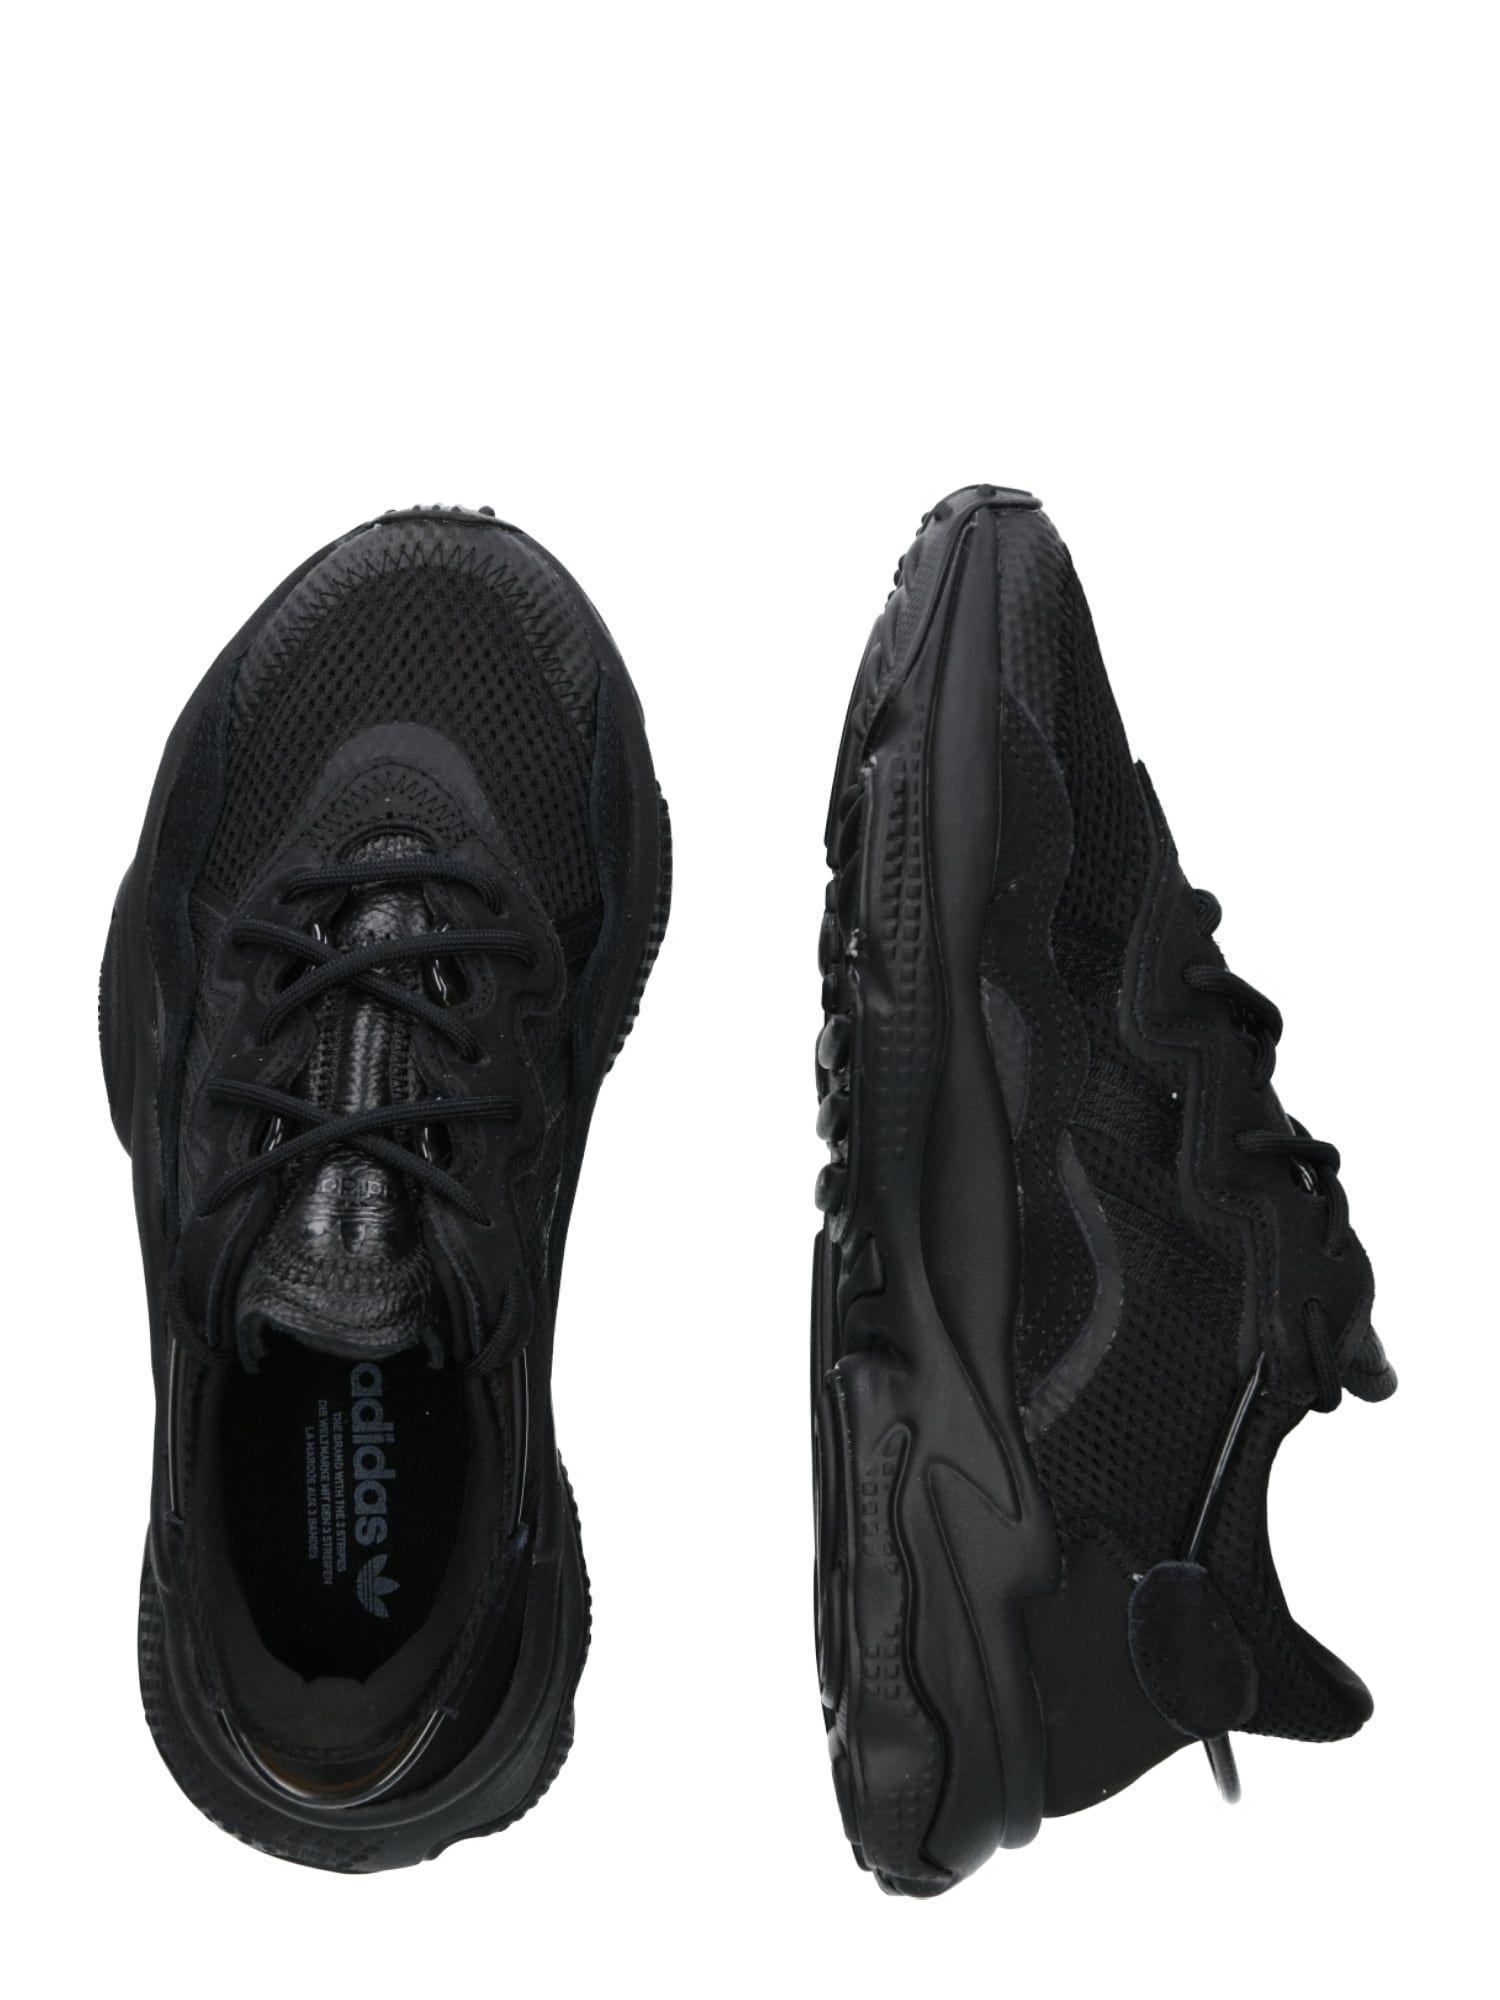 ADIDAS ORIGINALS Sneaker 'OZWEEGO' Damen, Schwarz, Größe 37 ...